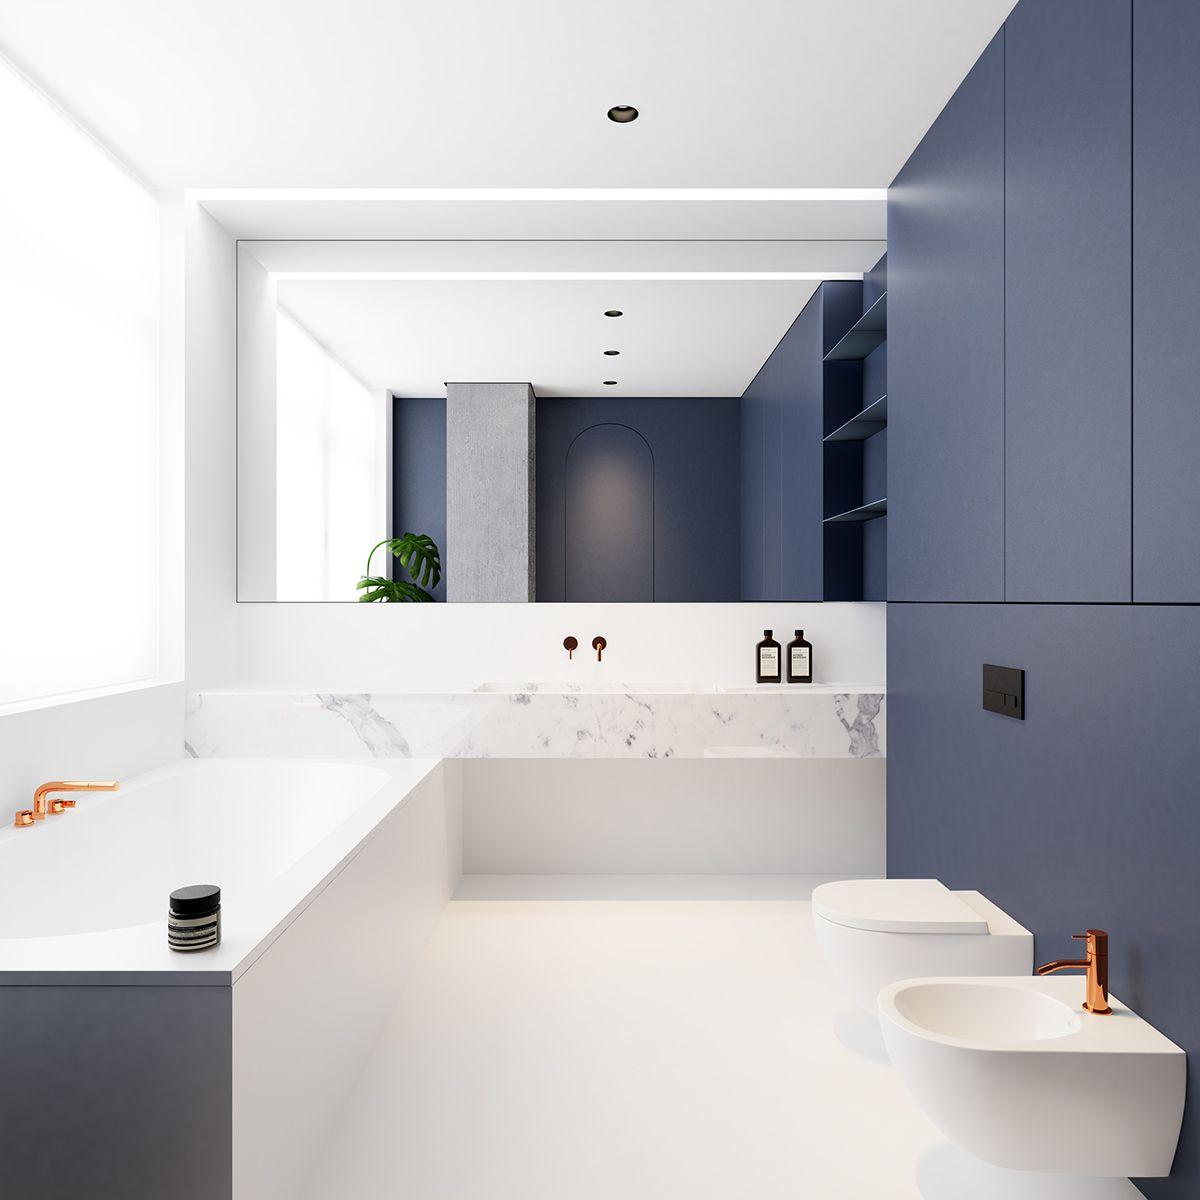 wastafelmeubel loopt door in bad | Bathroom | Pinterest | Behance ...